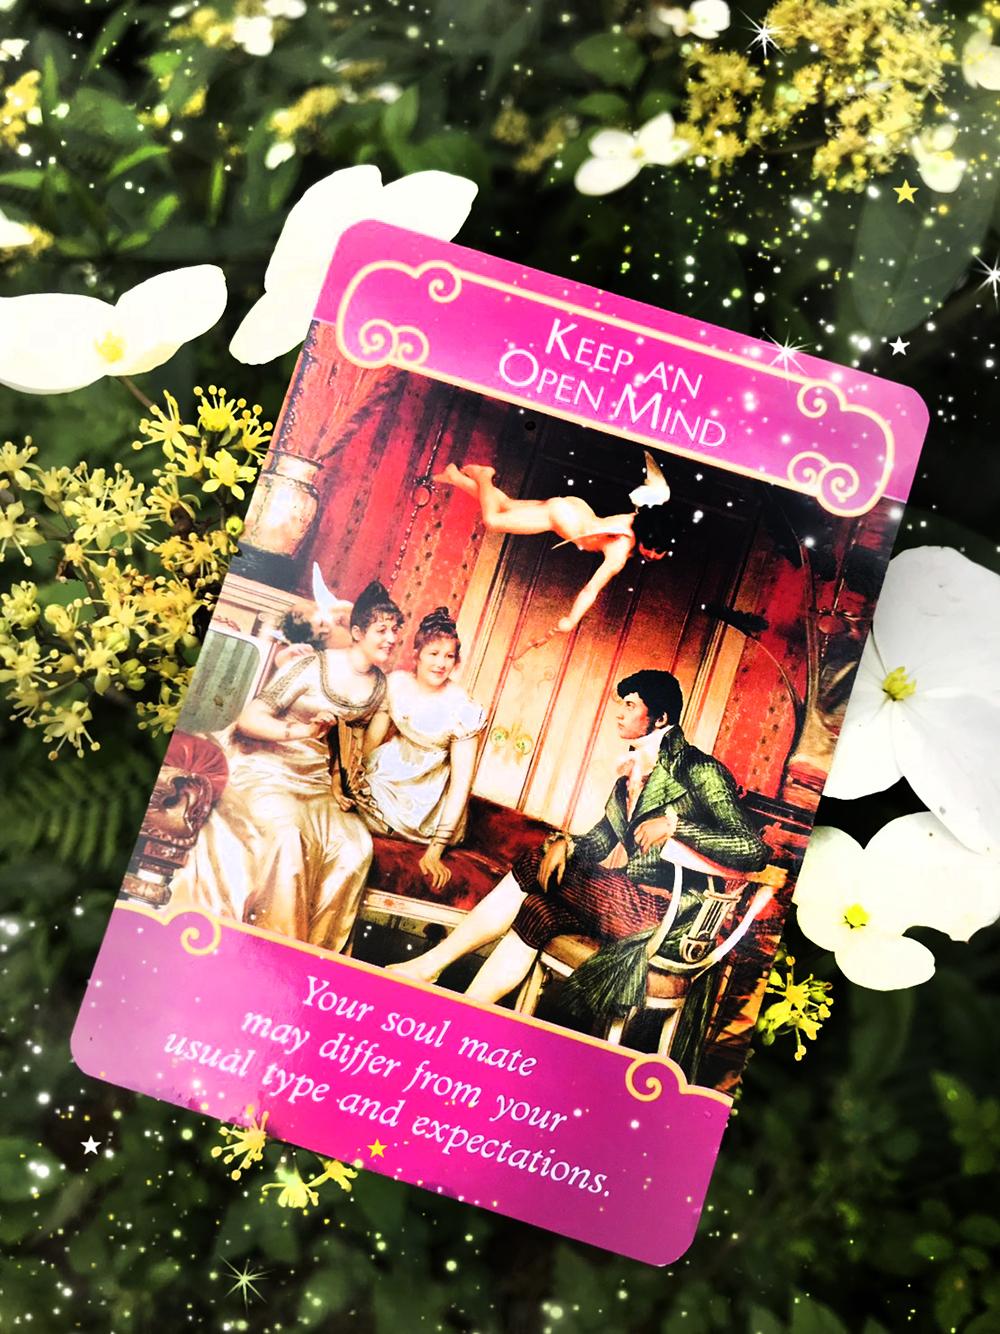 牌卡》「驚蟄」— 你的靈魂伴侶可能以超乎預期的方式出現!